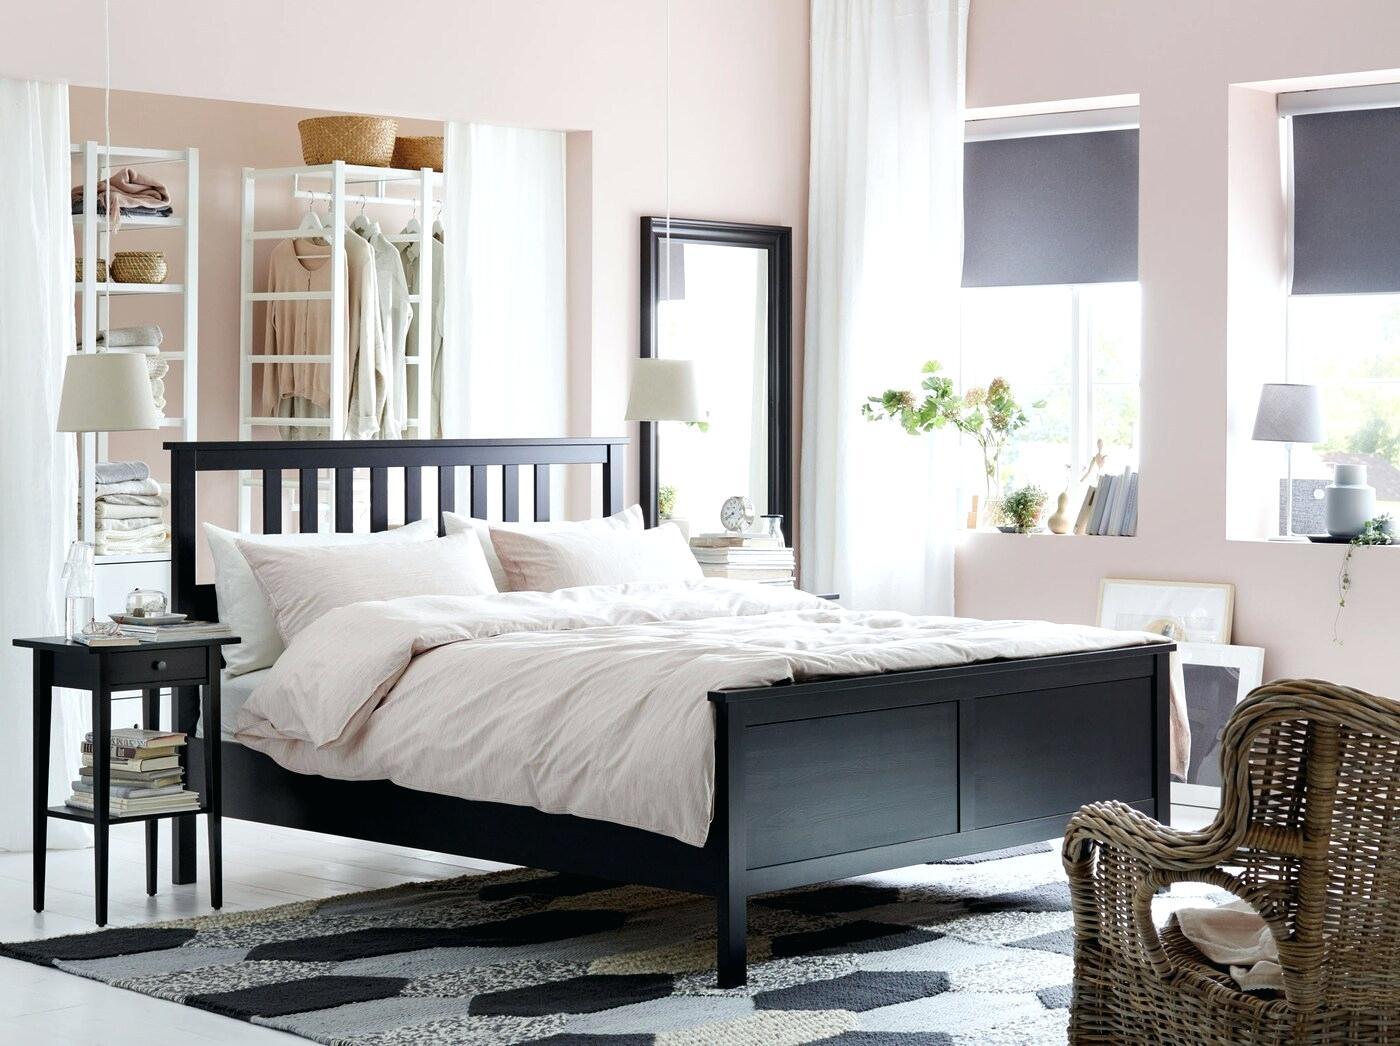 Full Size of Ikea Küche Kosten Miniküche Sofa Jugendzimmer Betten Bei 160x200 Bett Modulküche Kaufen Mit Schlaffunktion Wohnzimmer Ikea Jugendzimmer